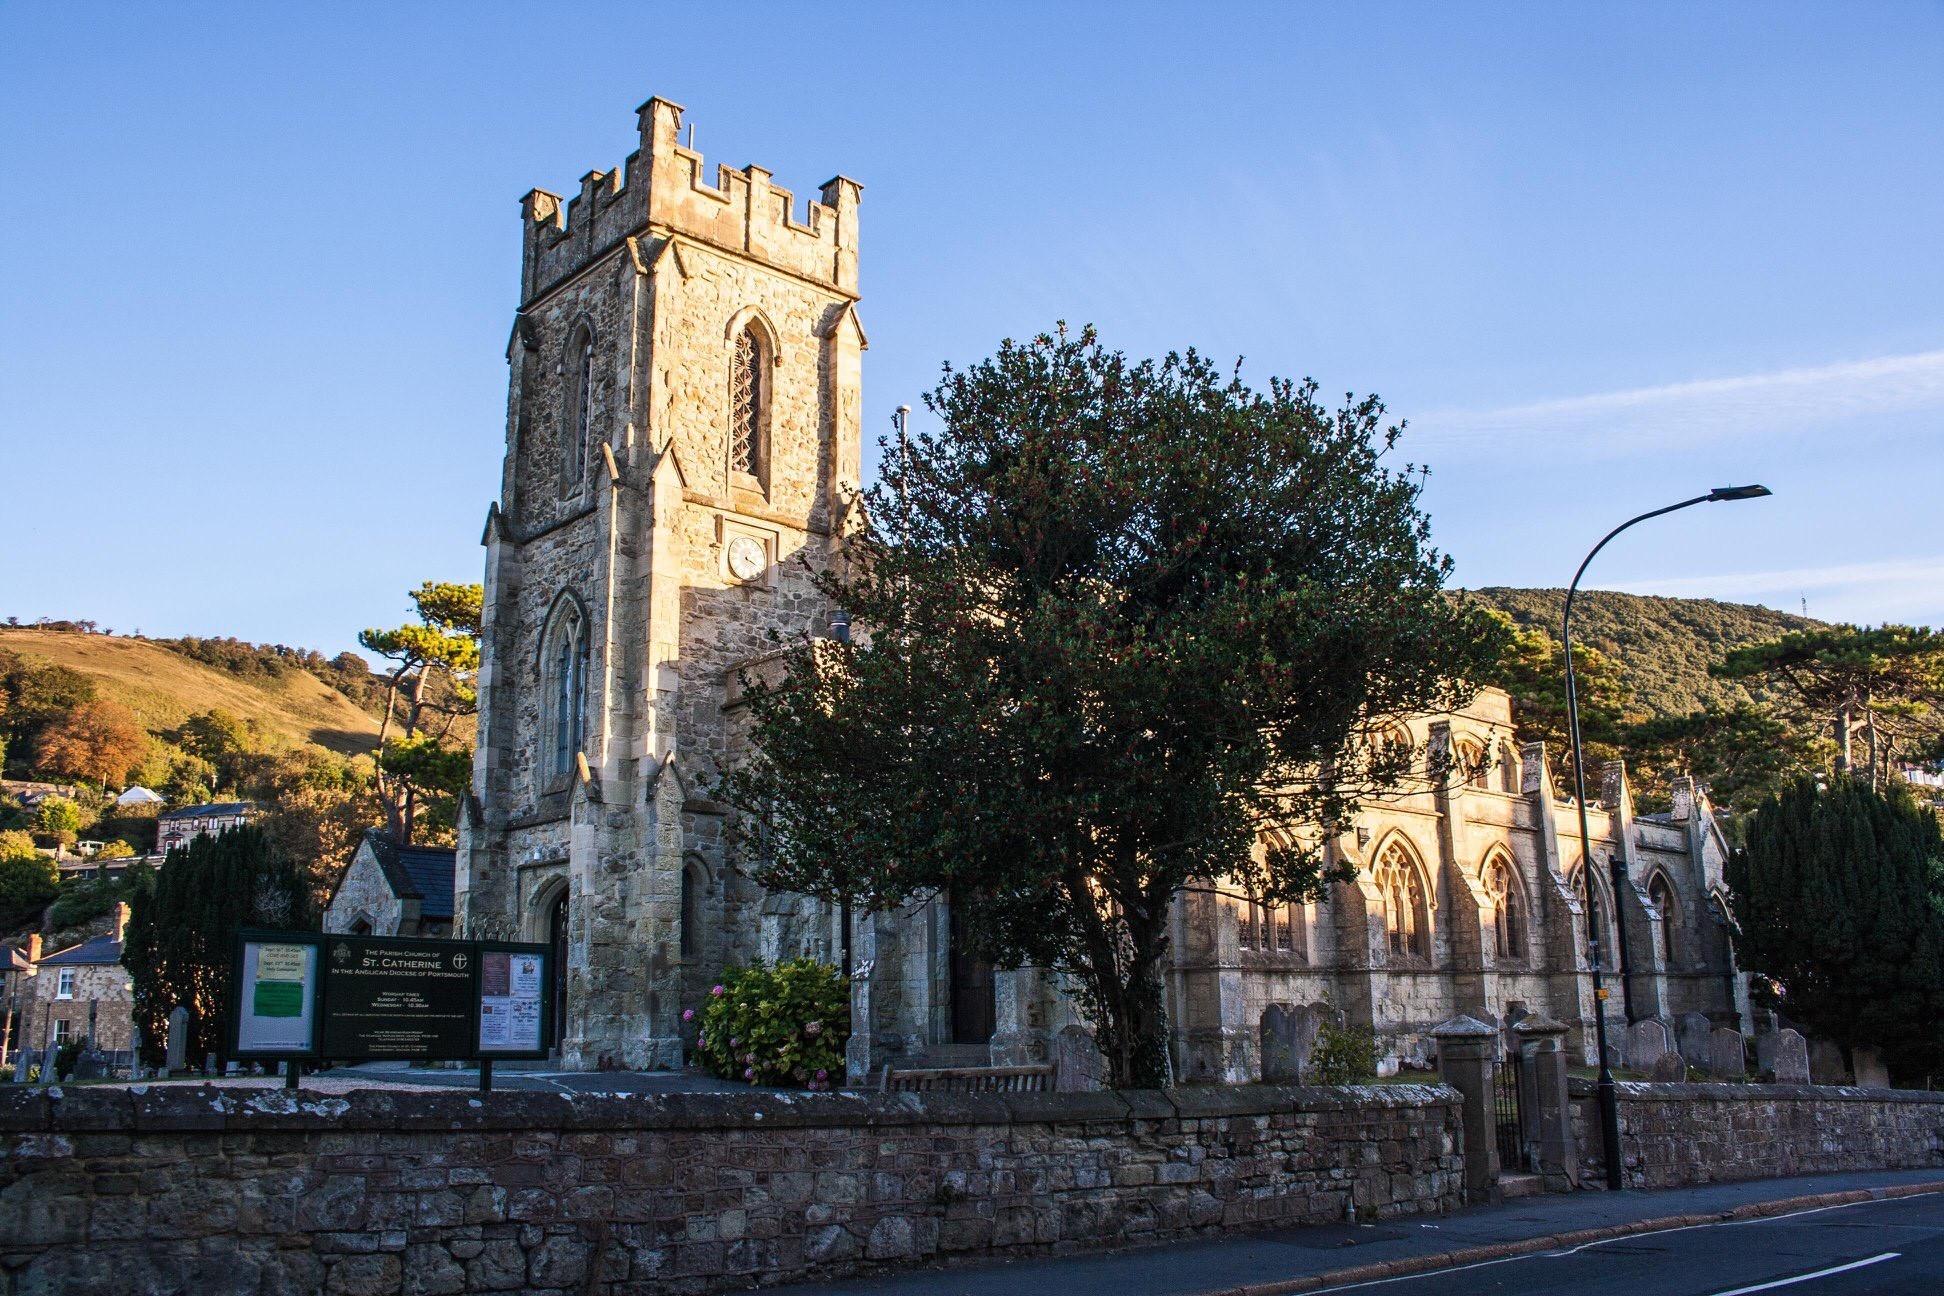 St Catherine's exterior